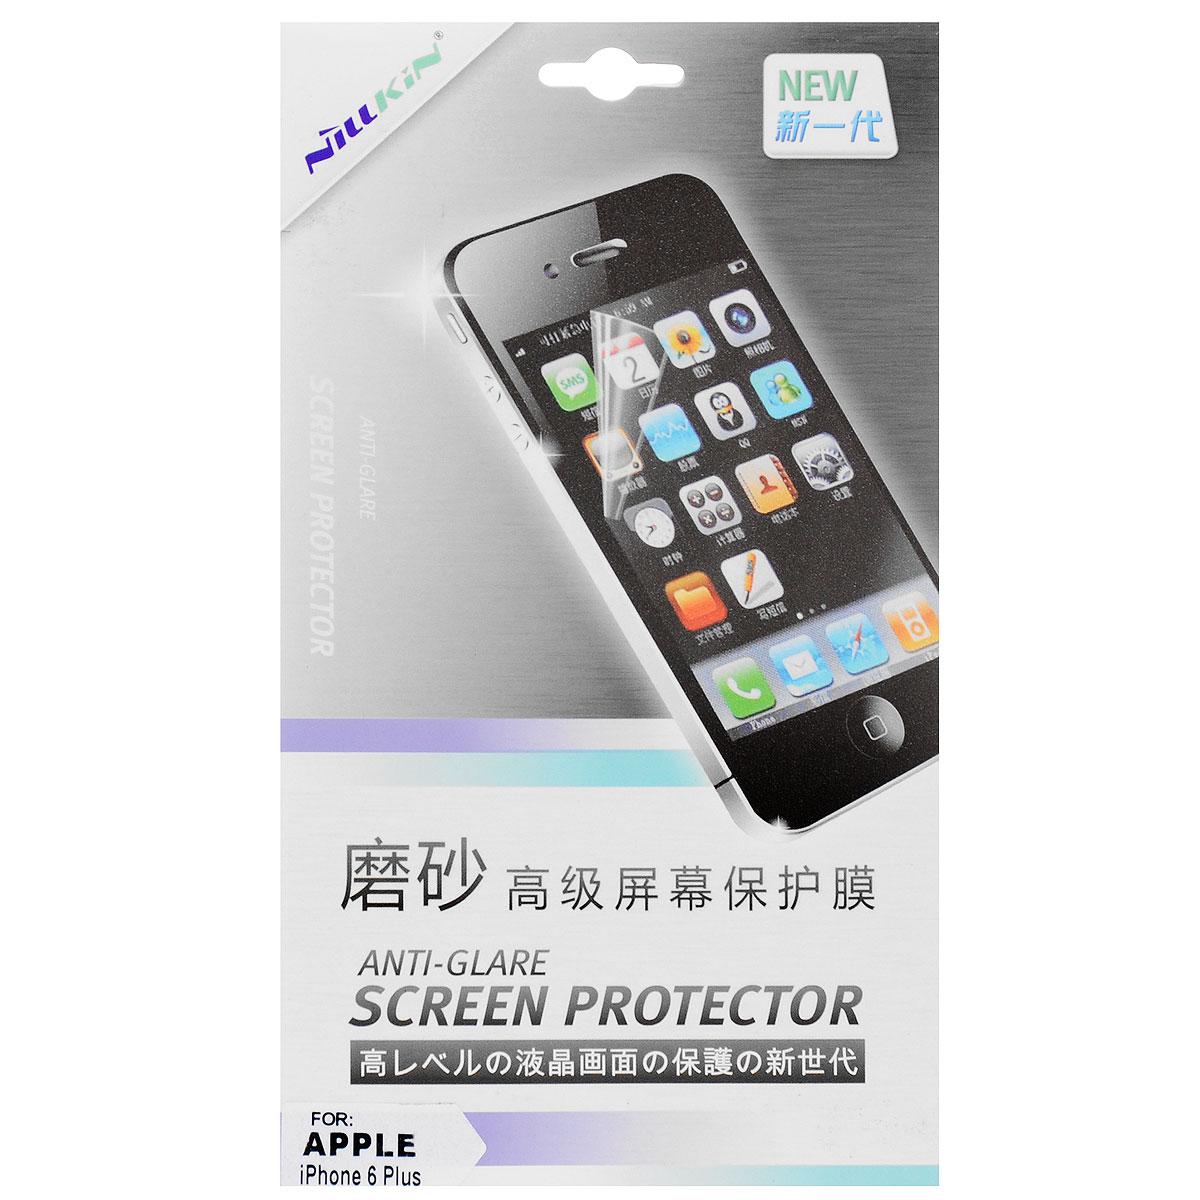 Nillkin Screen Protector защитная пленка для Apple iPhone 6 Plus, матоваяSP-066Защитная пленка Nillkin Screen Protector для Apple iPhone 6 Plus сохраняет экран гладким и предотвращает появление на нем царапин и потертостей. Структура пленки позволяет ей плотно удерживаться без помощи клеевых составов. Пленка практически незаметна на экране устройства и сохраняет все характеристики цветопередачи и чувствительности сенсора.